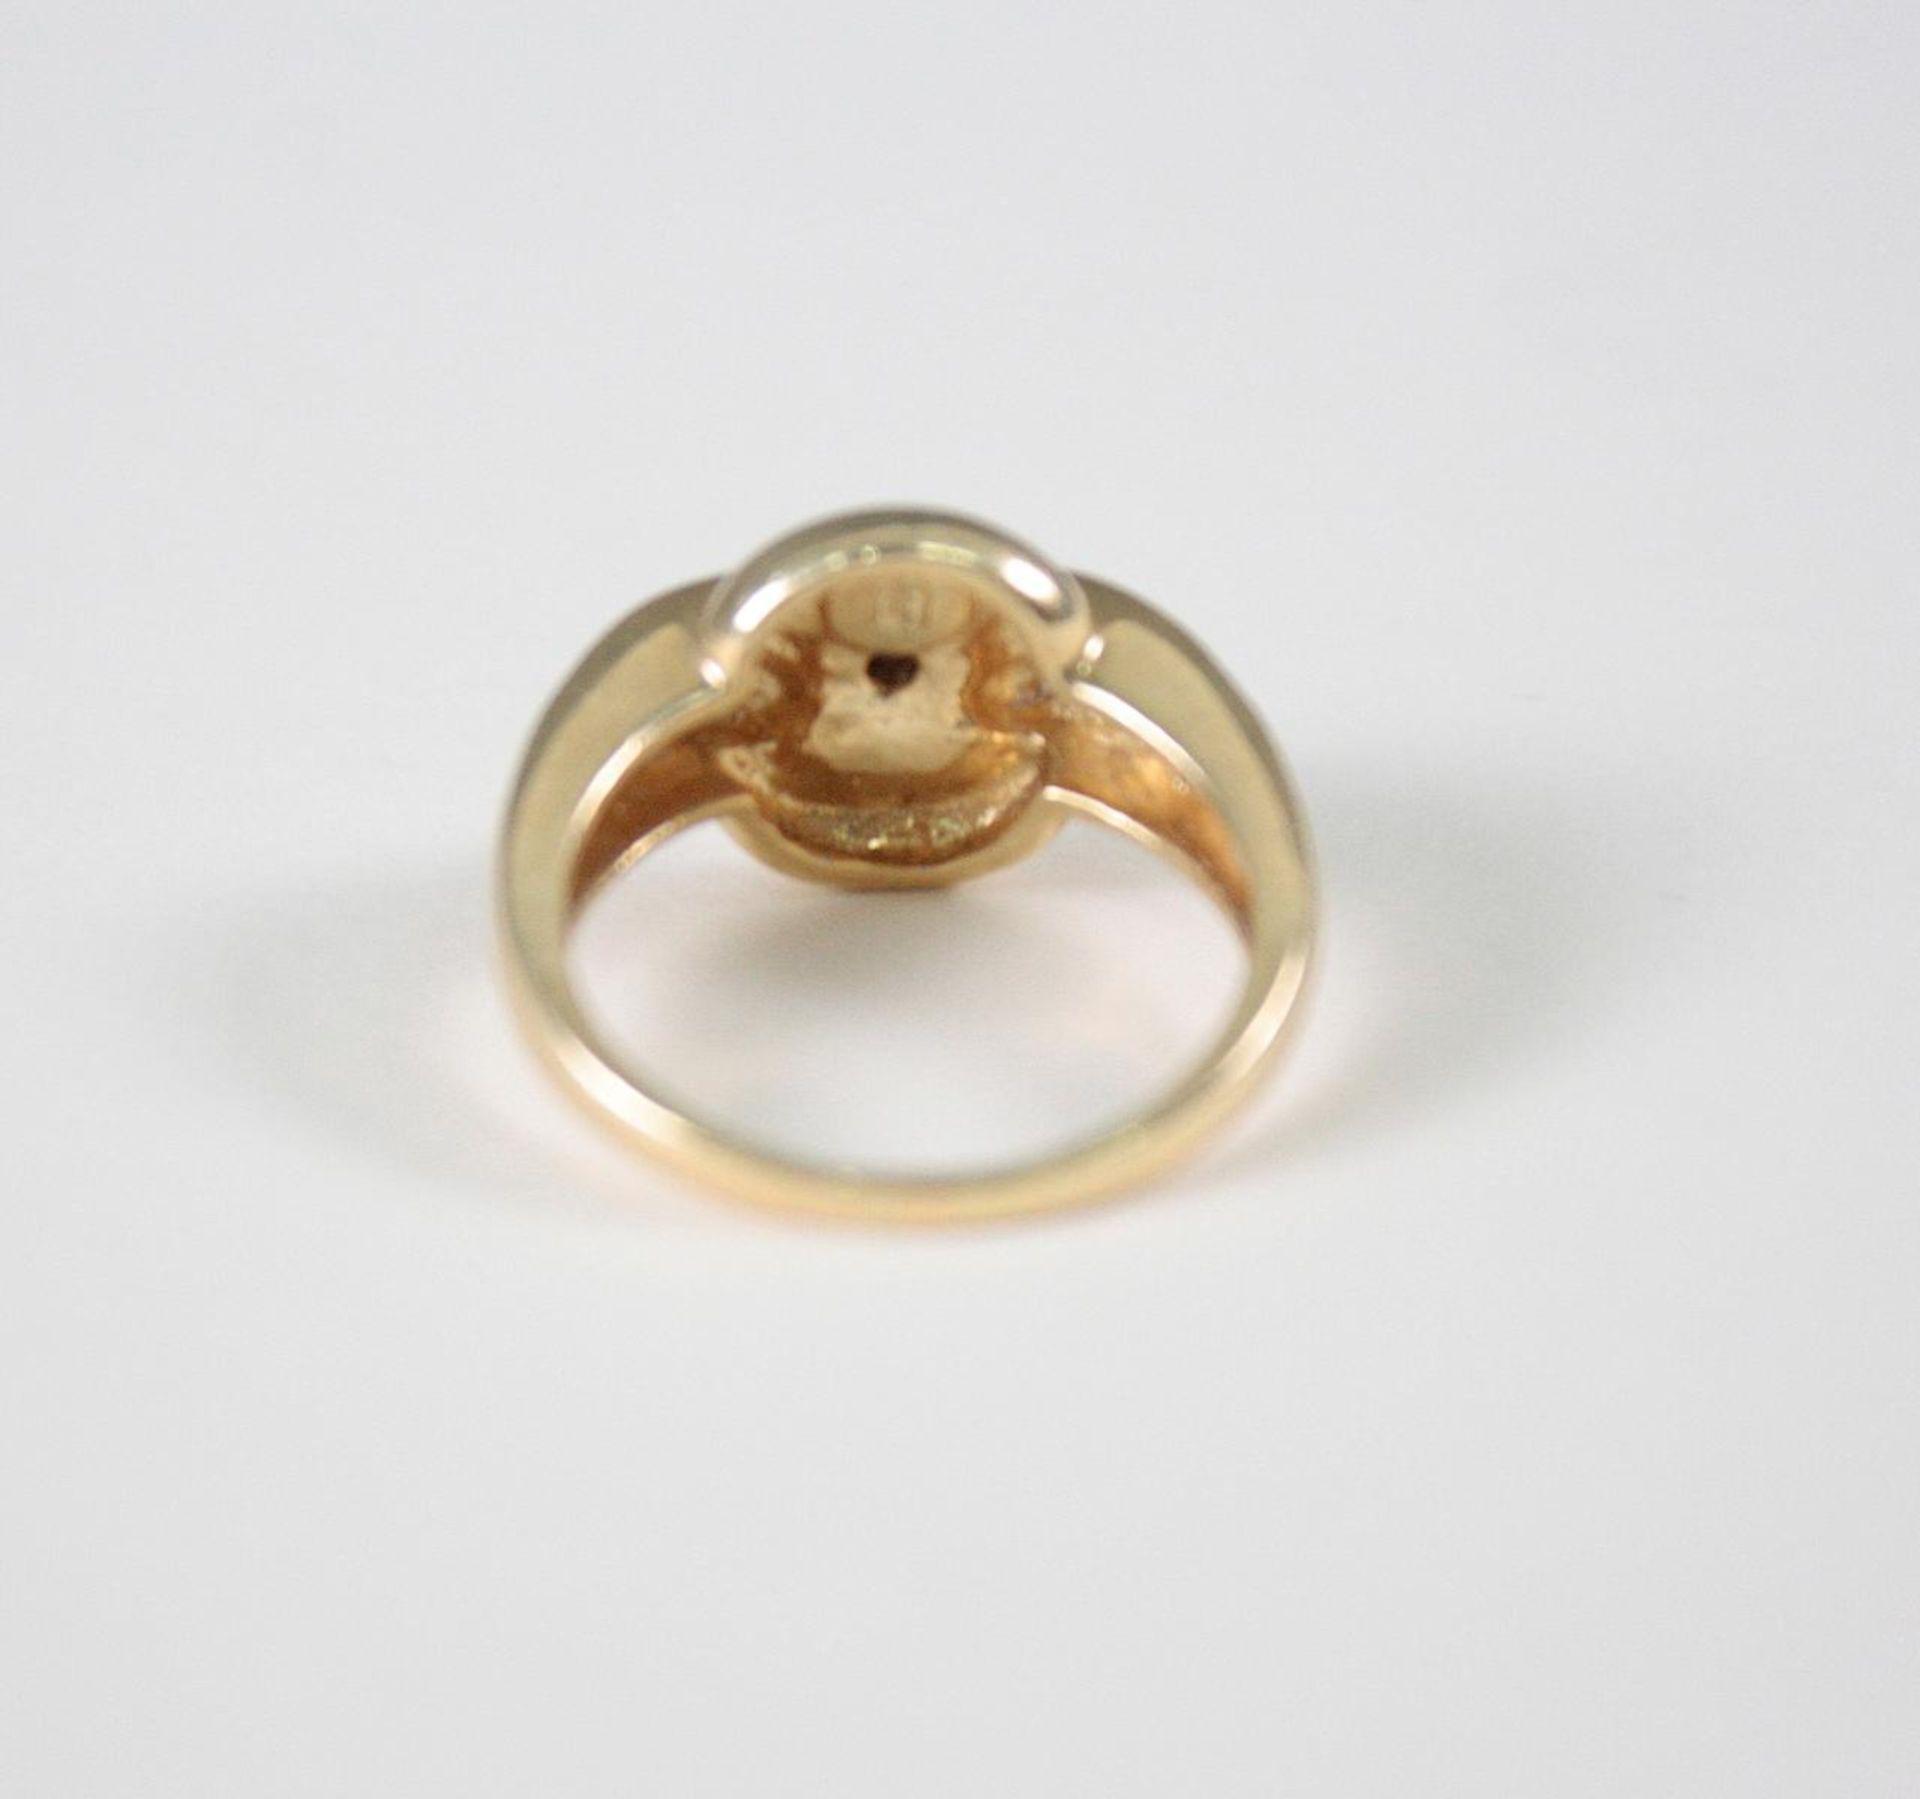 Damenring mit Diamanten, 14 Karat Gelbgold1 Diamant von ca. 0,05 Karat, 12 Diamanten von jeweils ca. - Bild 2 aus 3